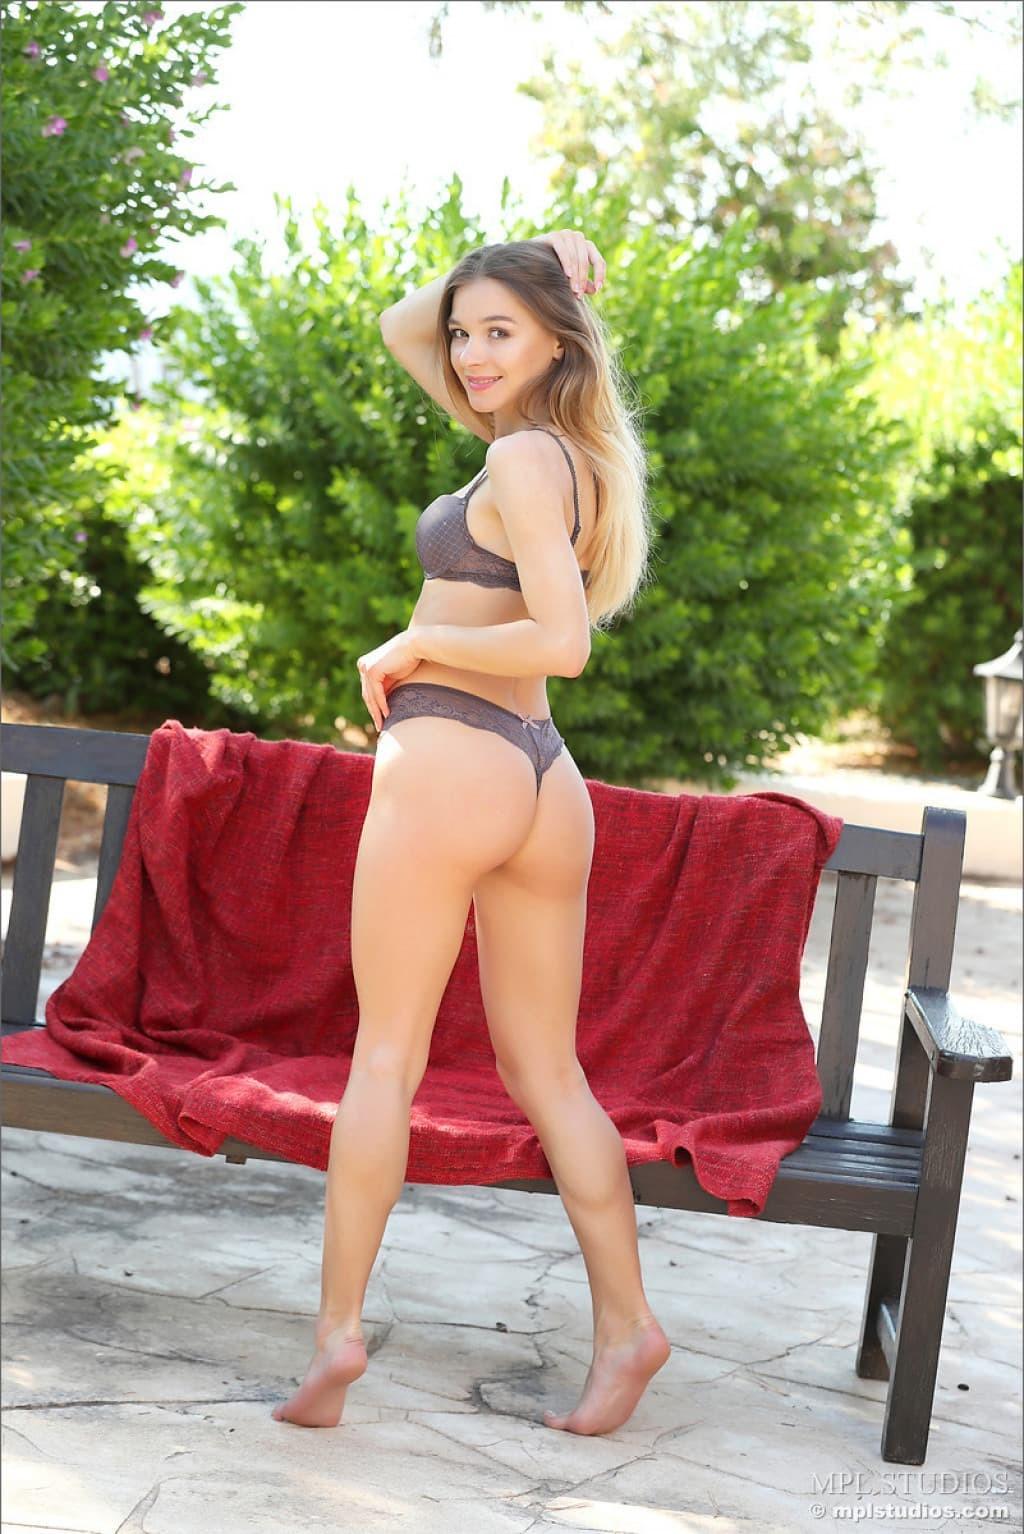 Привлекательная девушка в нижнем белье - фото